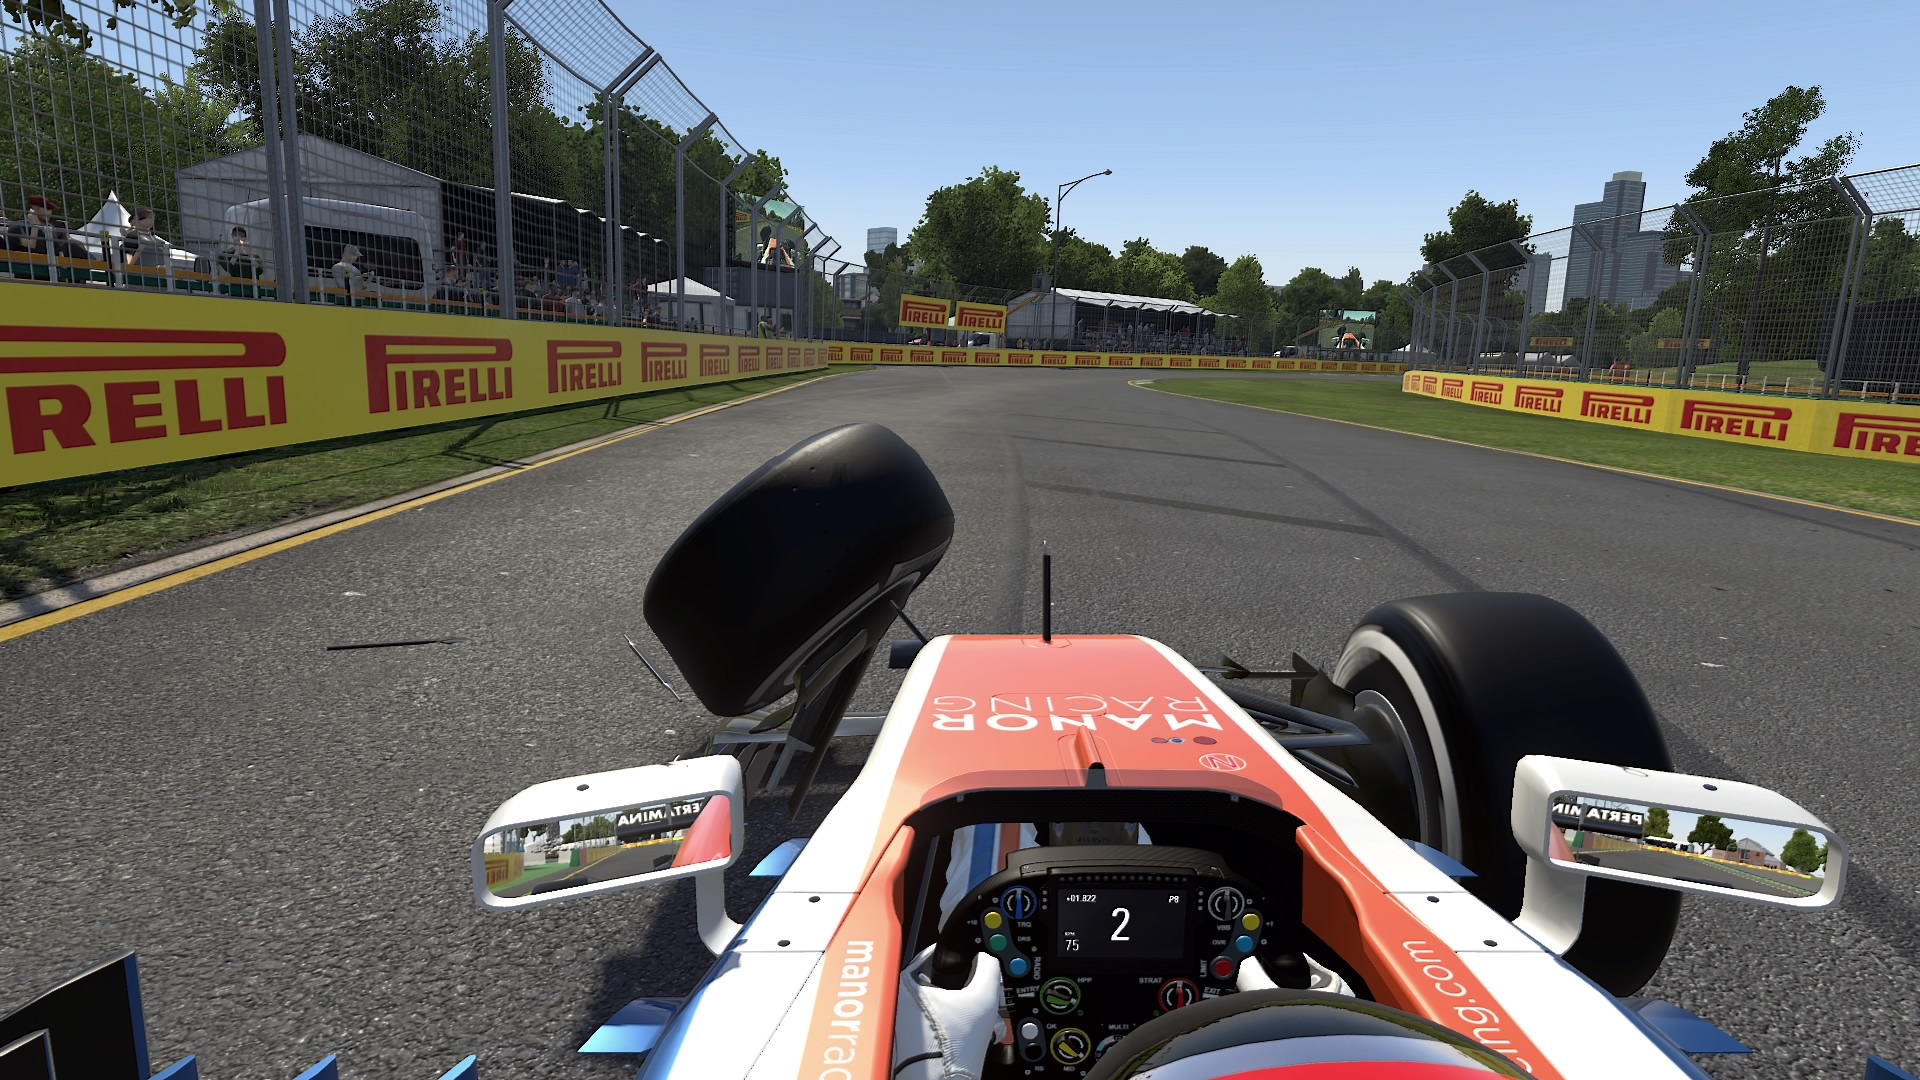 Ввидеоигре F1 2017 появятся 12 традиционных машин